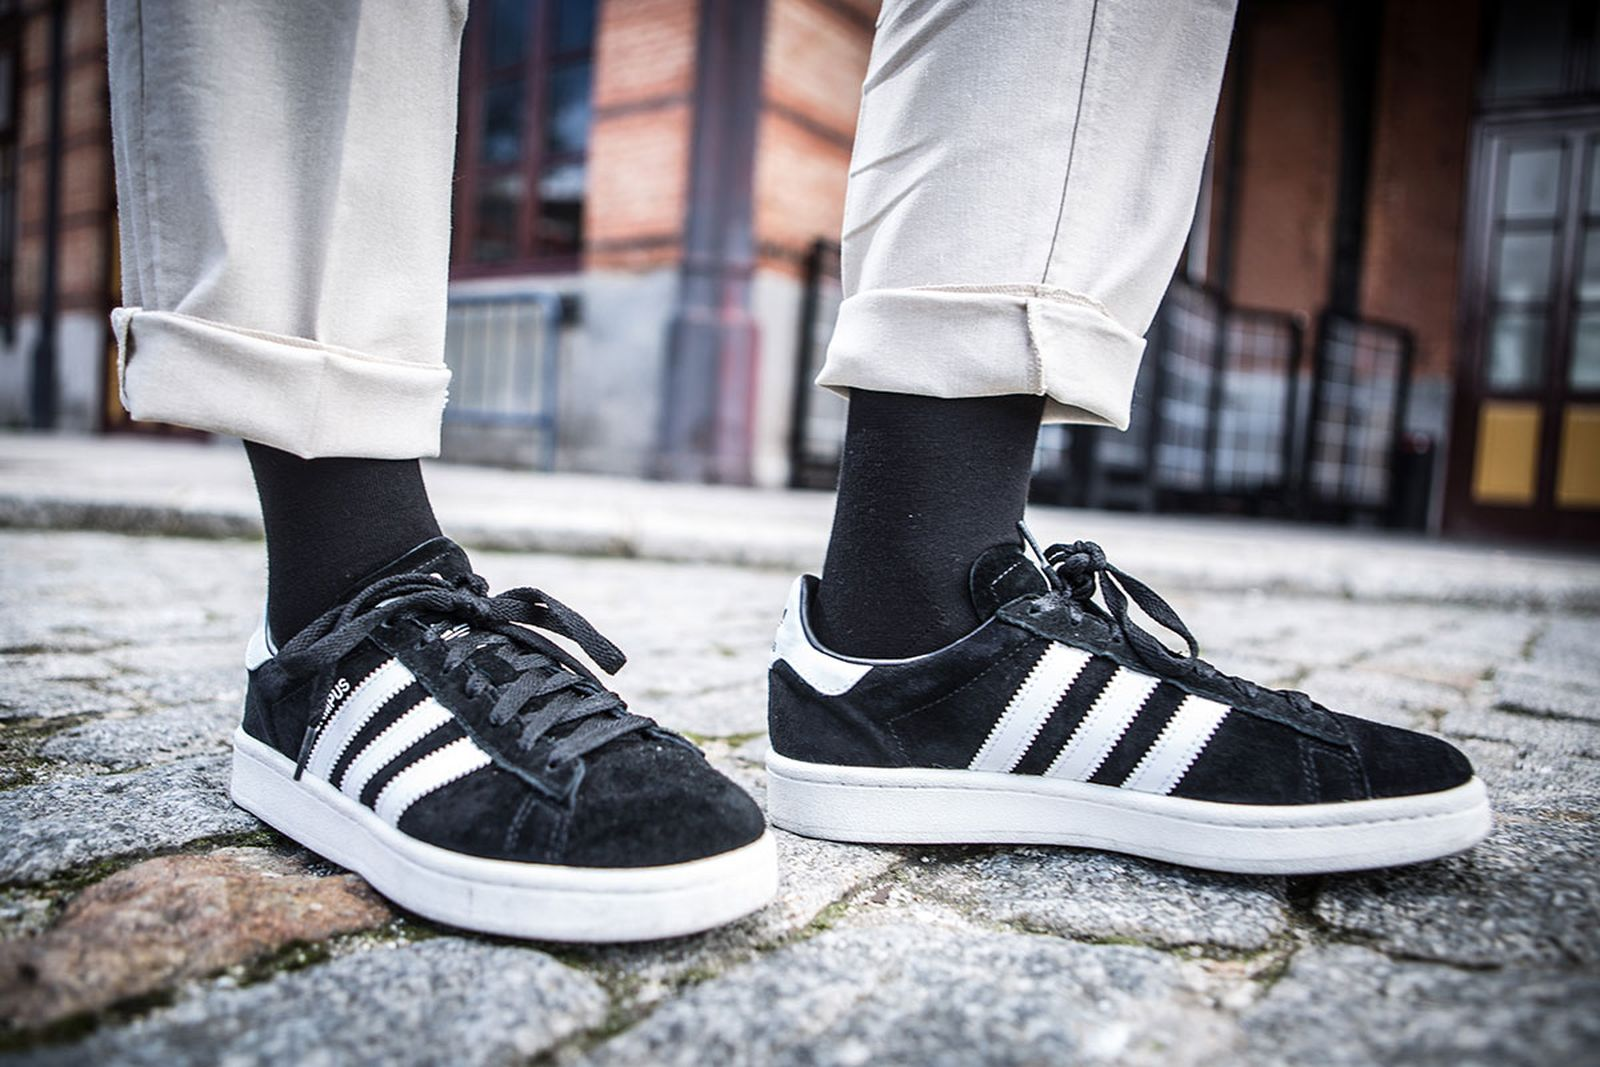 adidas three stripes eu court